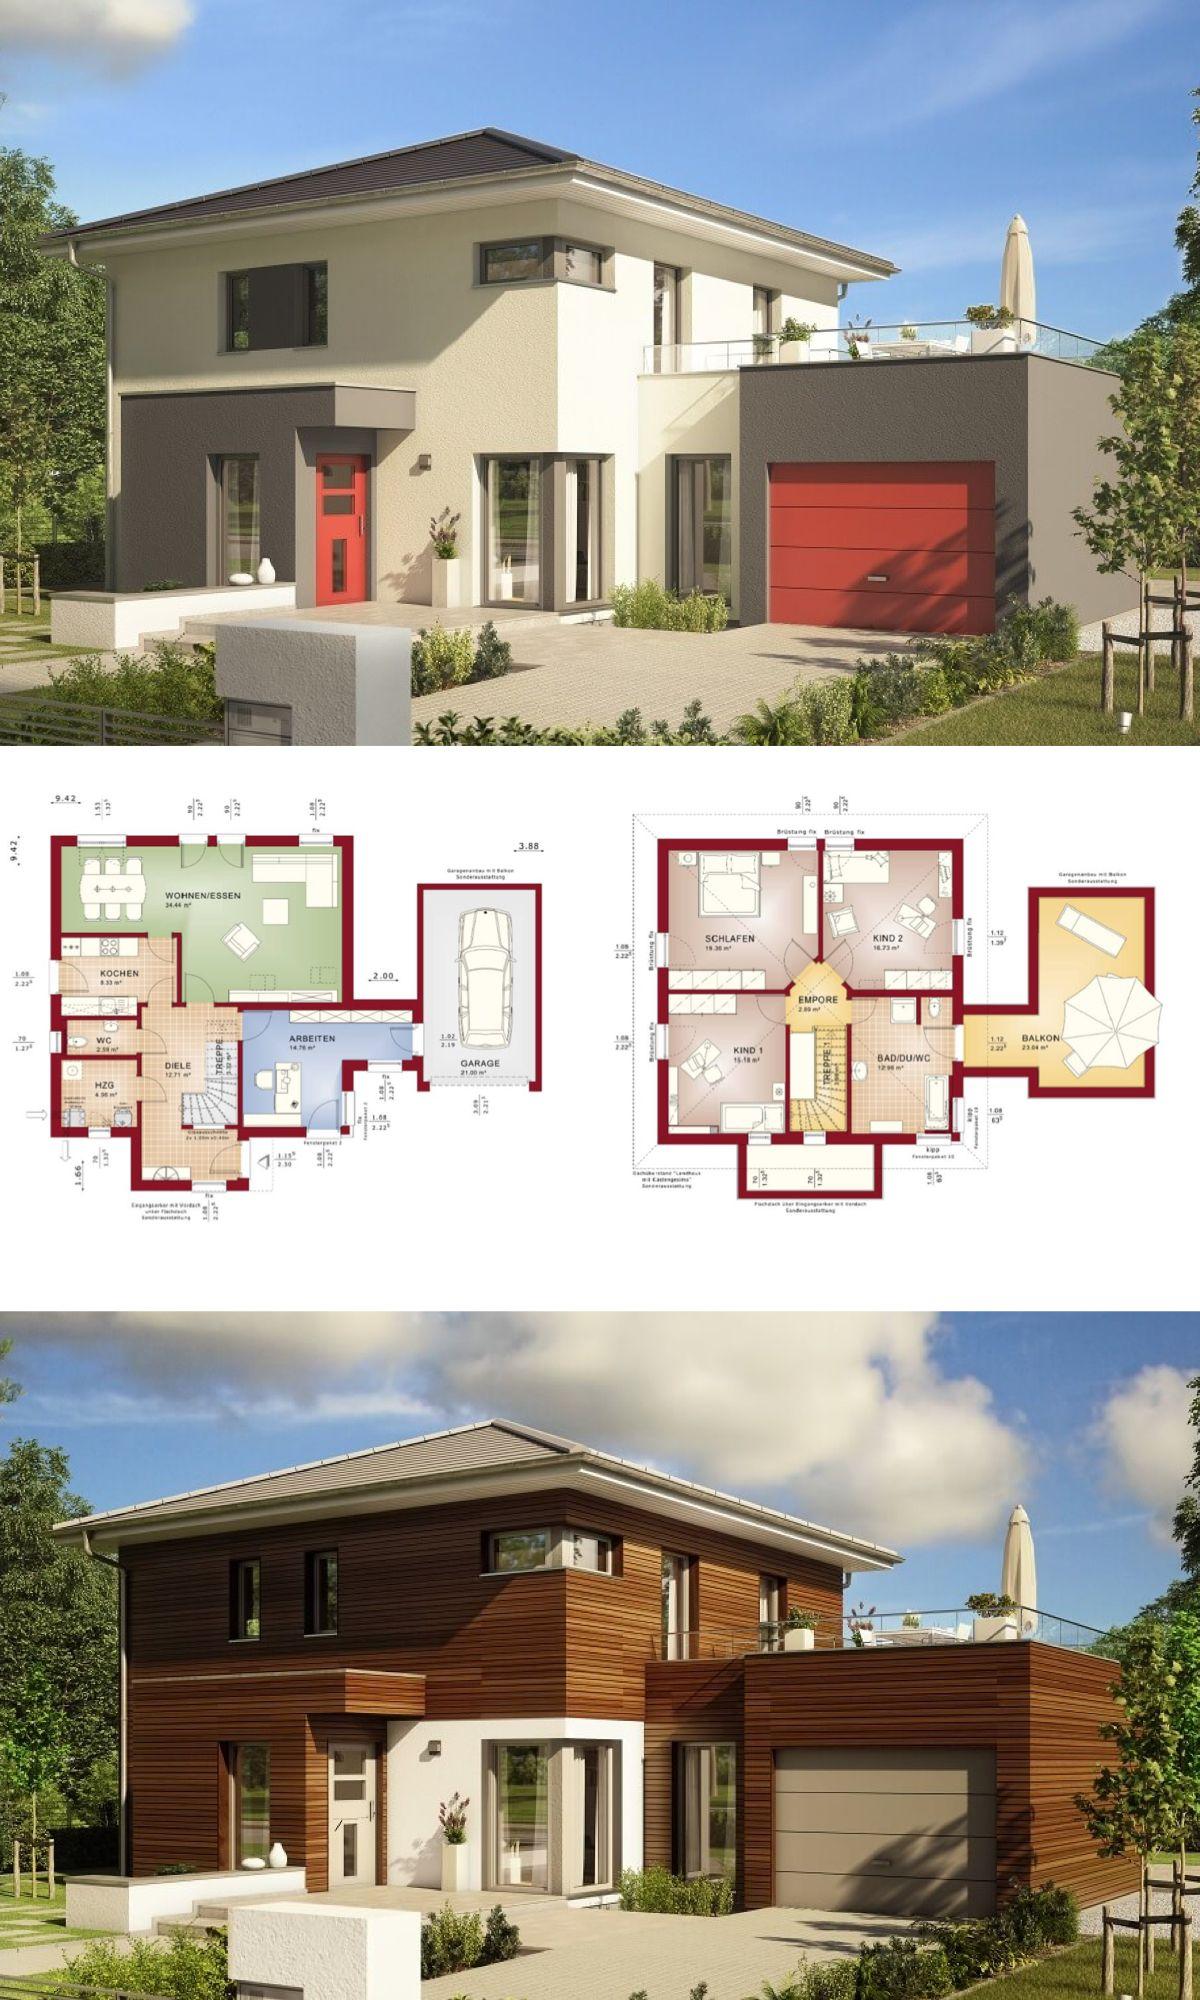 Moderne stadtvilla haus evolution 143 v12 bien zenker for Modernes haus projekte